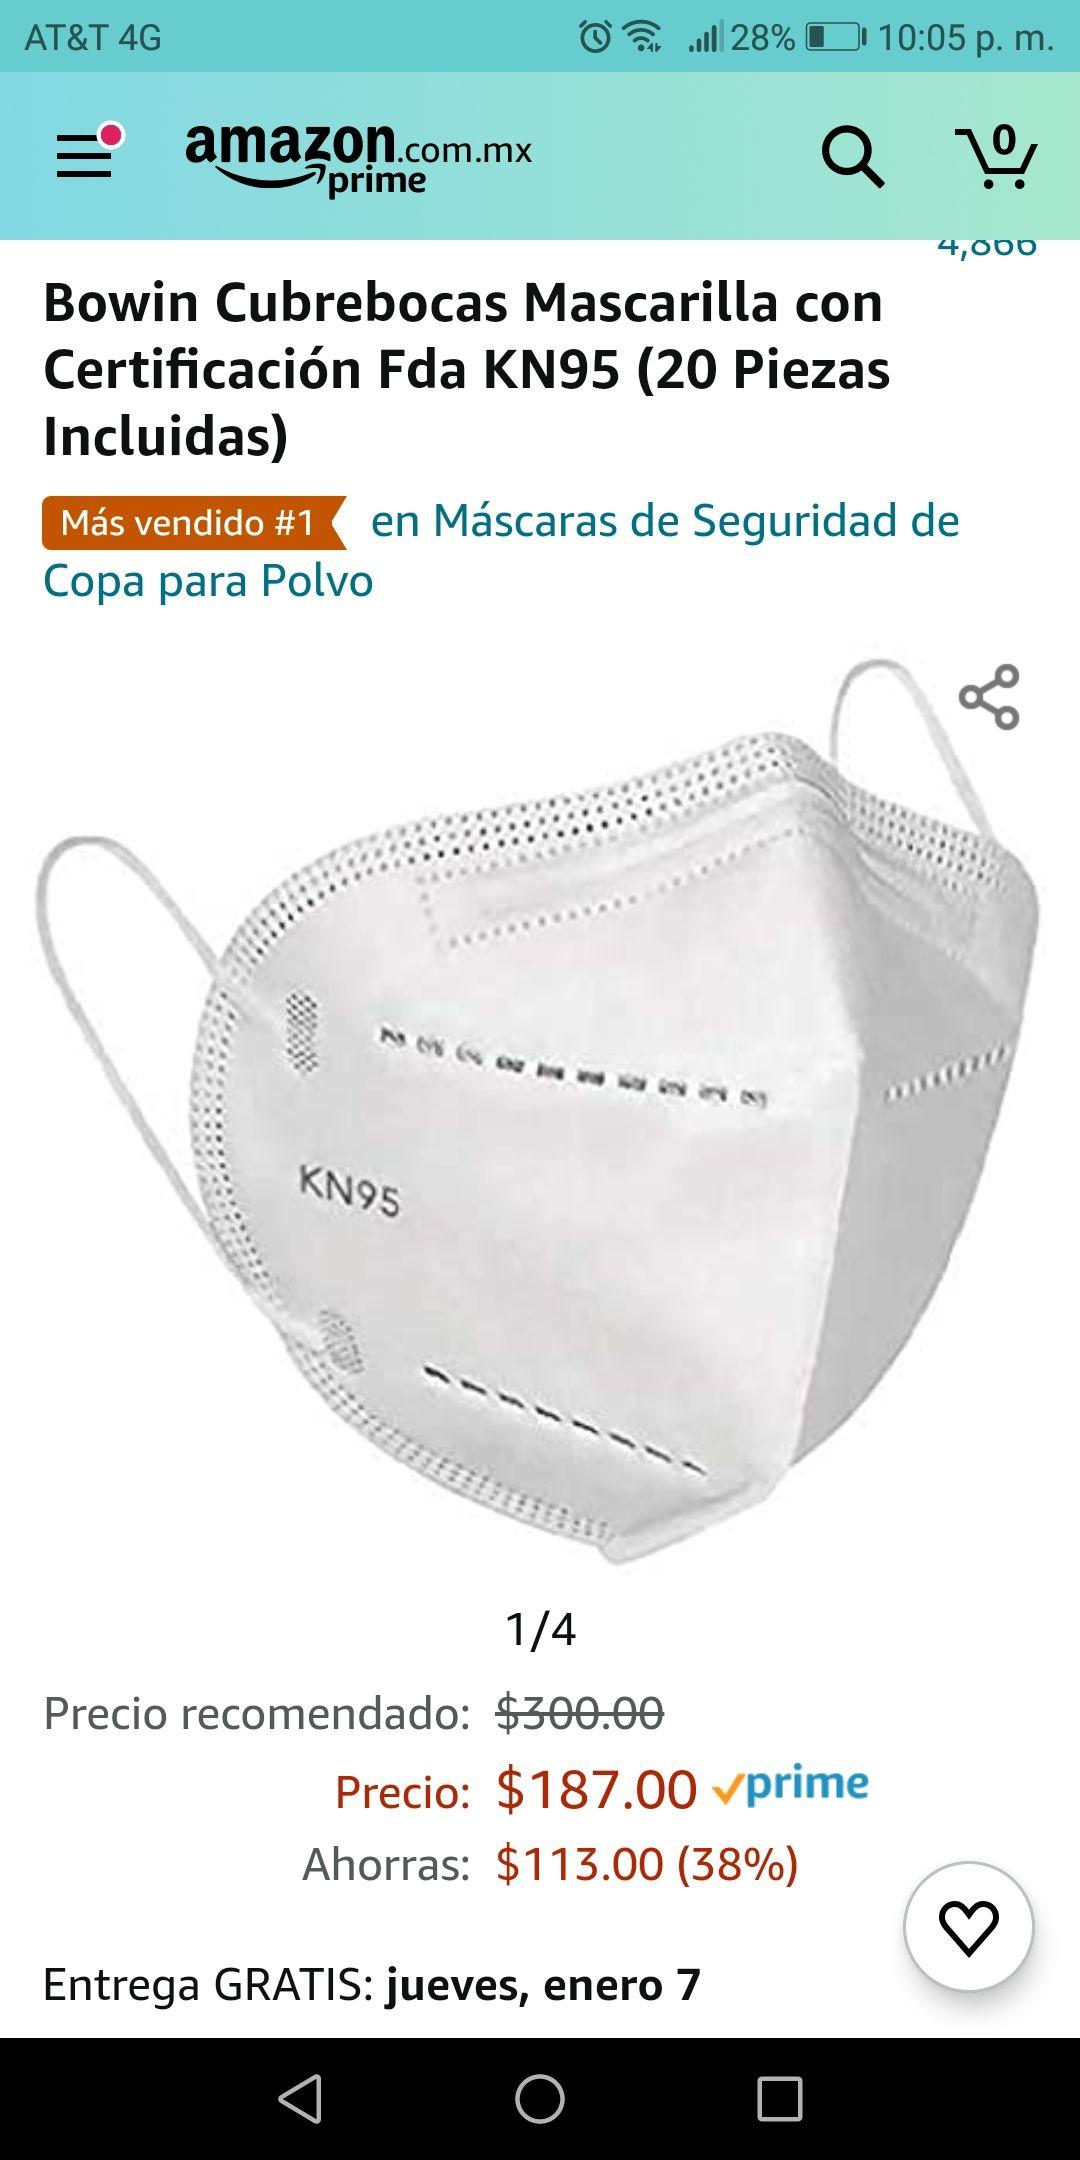 Amazon: Cubrebocas Mascarilla con Certificación Fda KN95 (20 Piezas Incluidas)